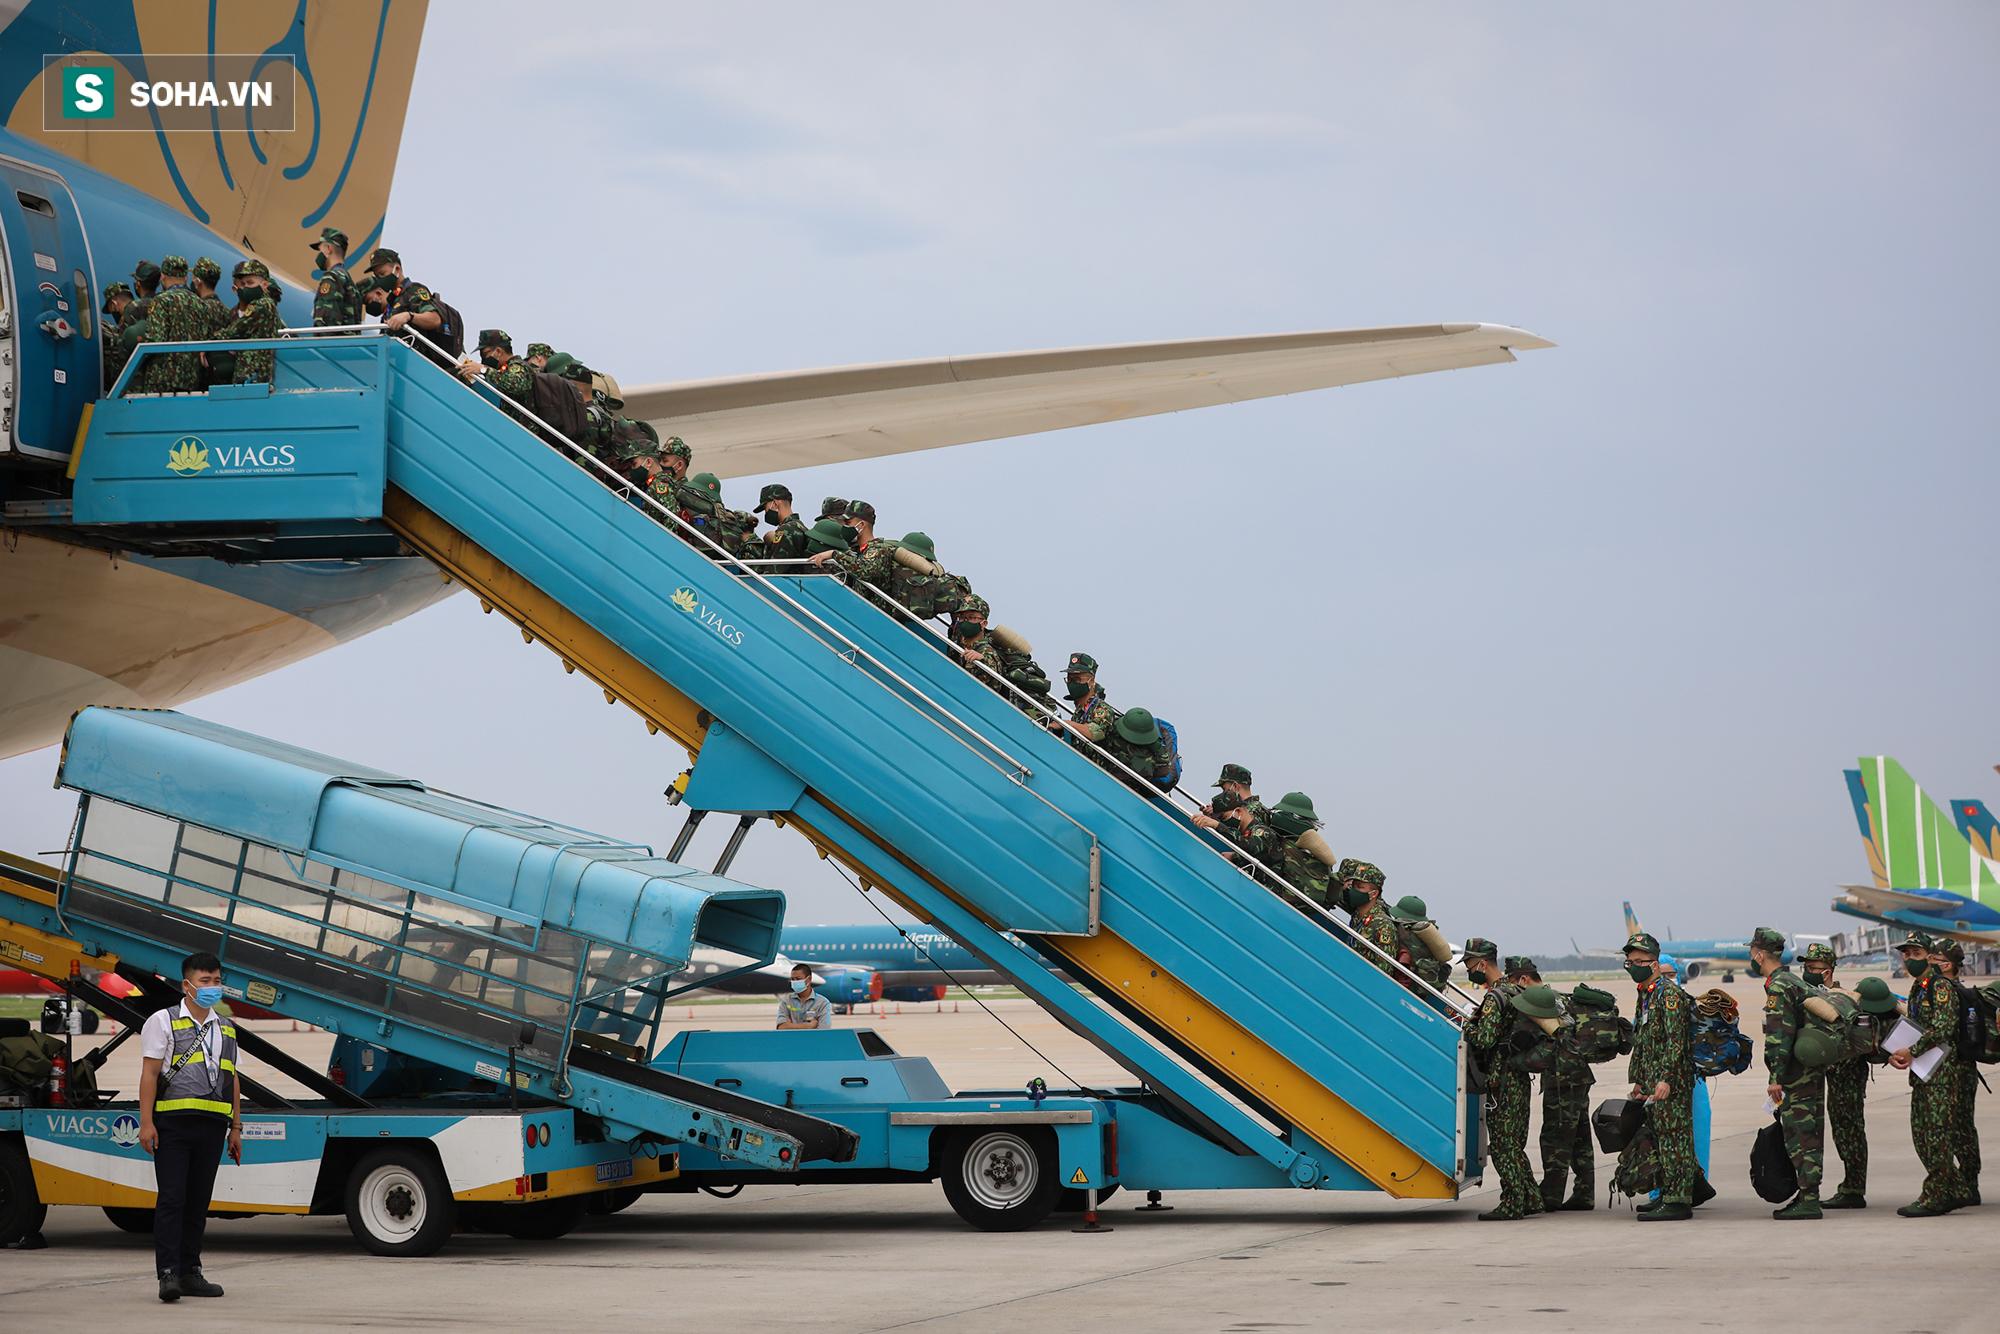 Phó Thủ tướng, Bộ trưởng Quốc phòng cùng hơn 1000 y, bác sĩ lên đường vào TP HCM chống dịch - Ảnh 7.